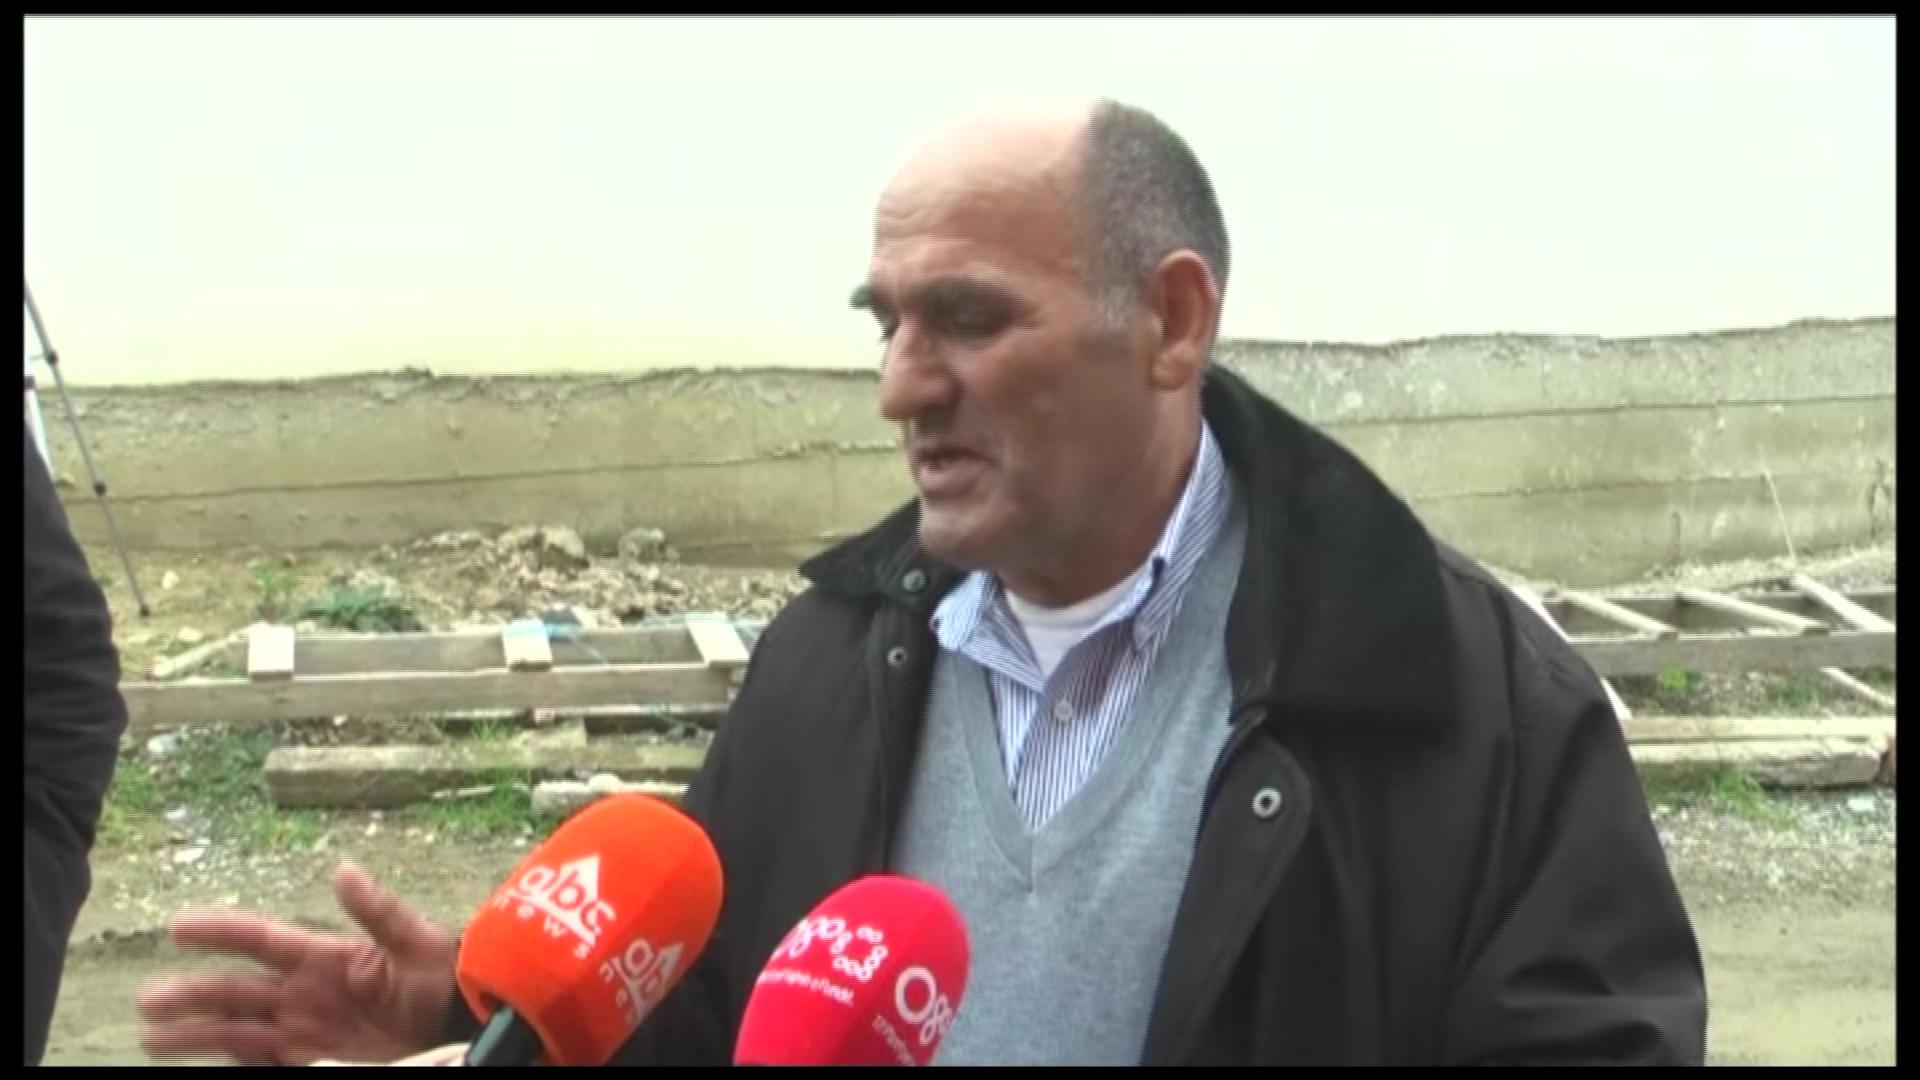 Familjarët e Anxhelo Gjokazaj në Durrës: Nuk e falim autorin